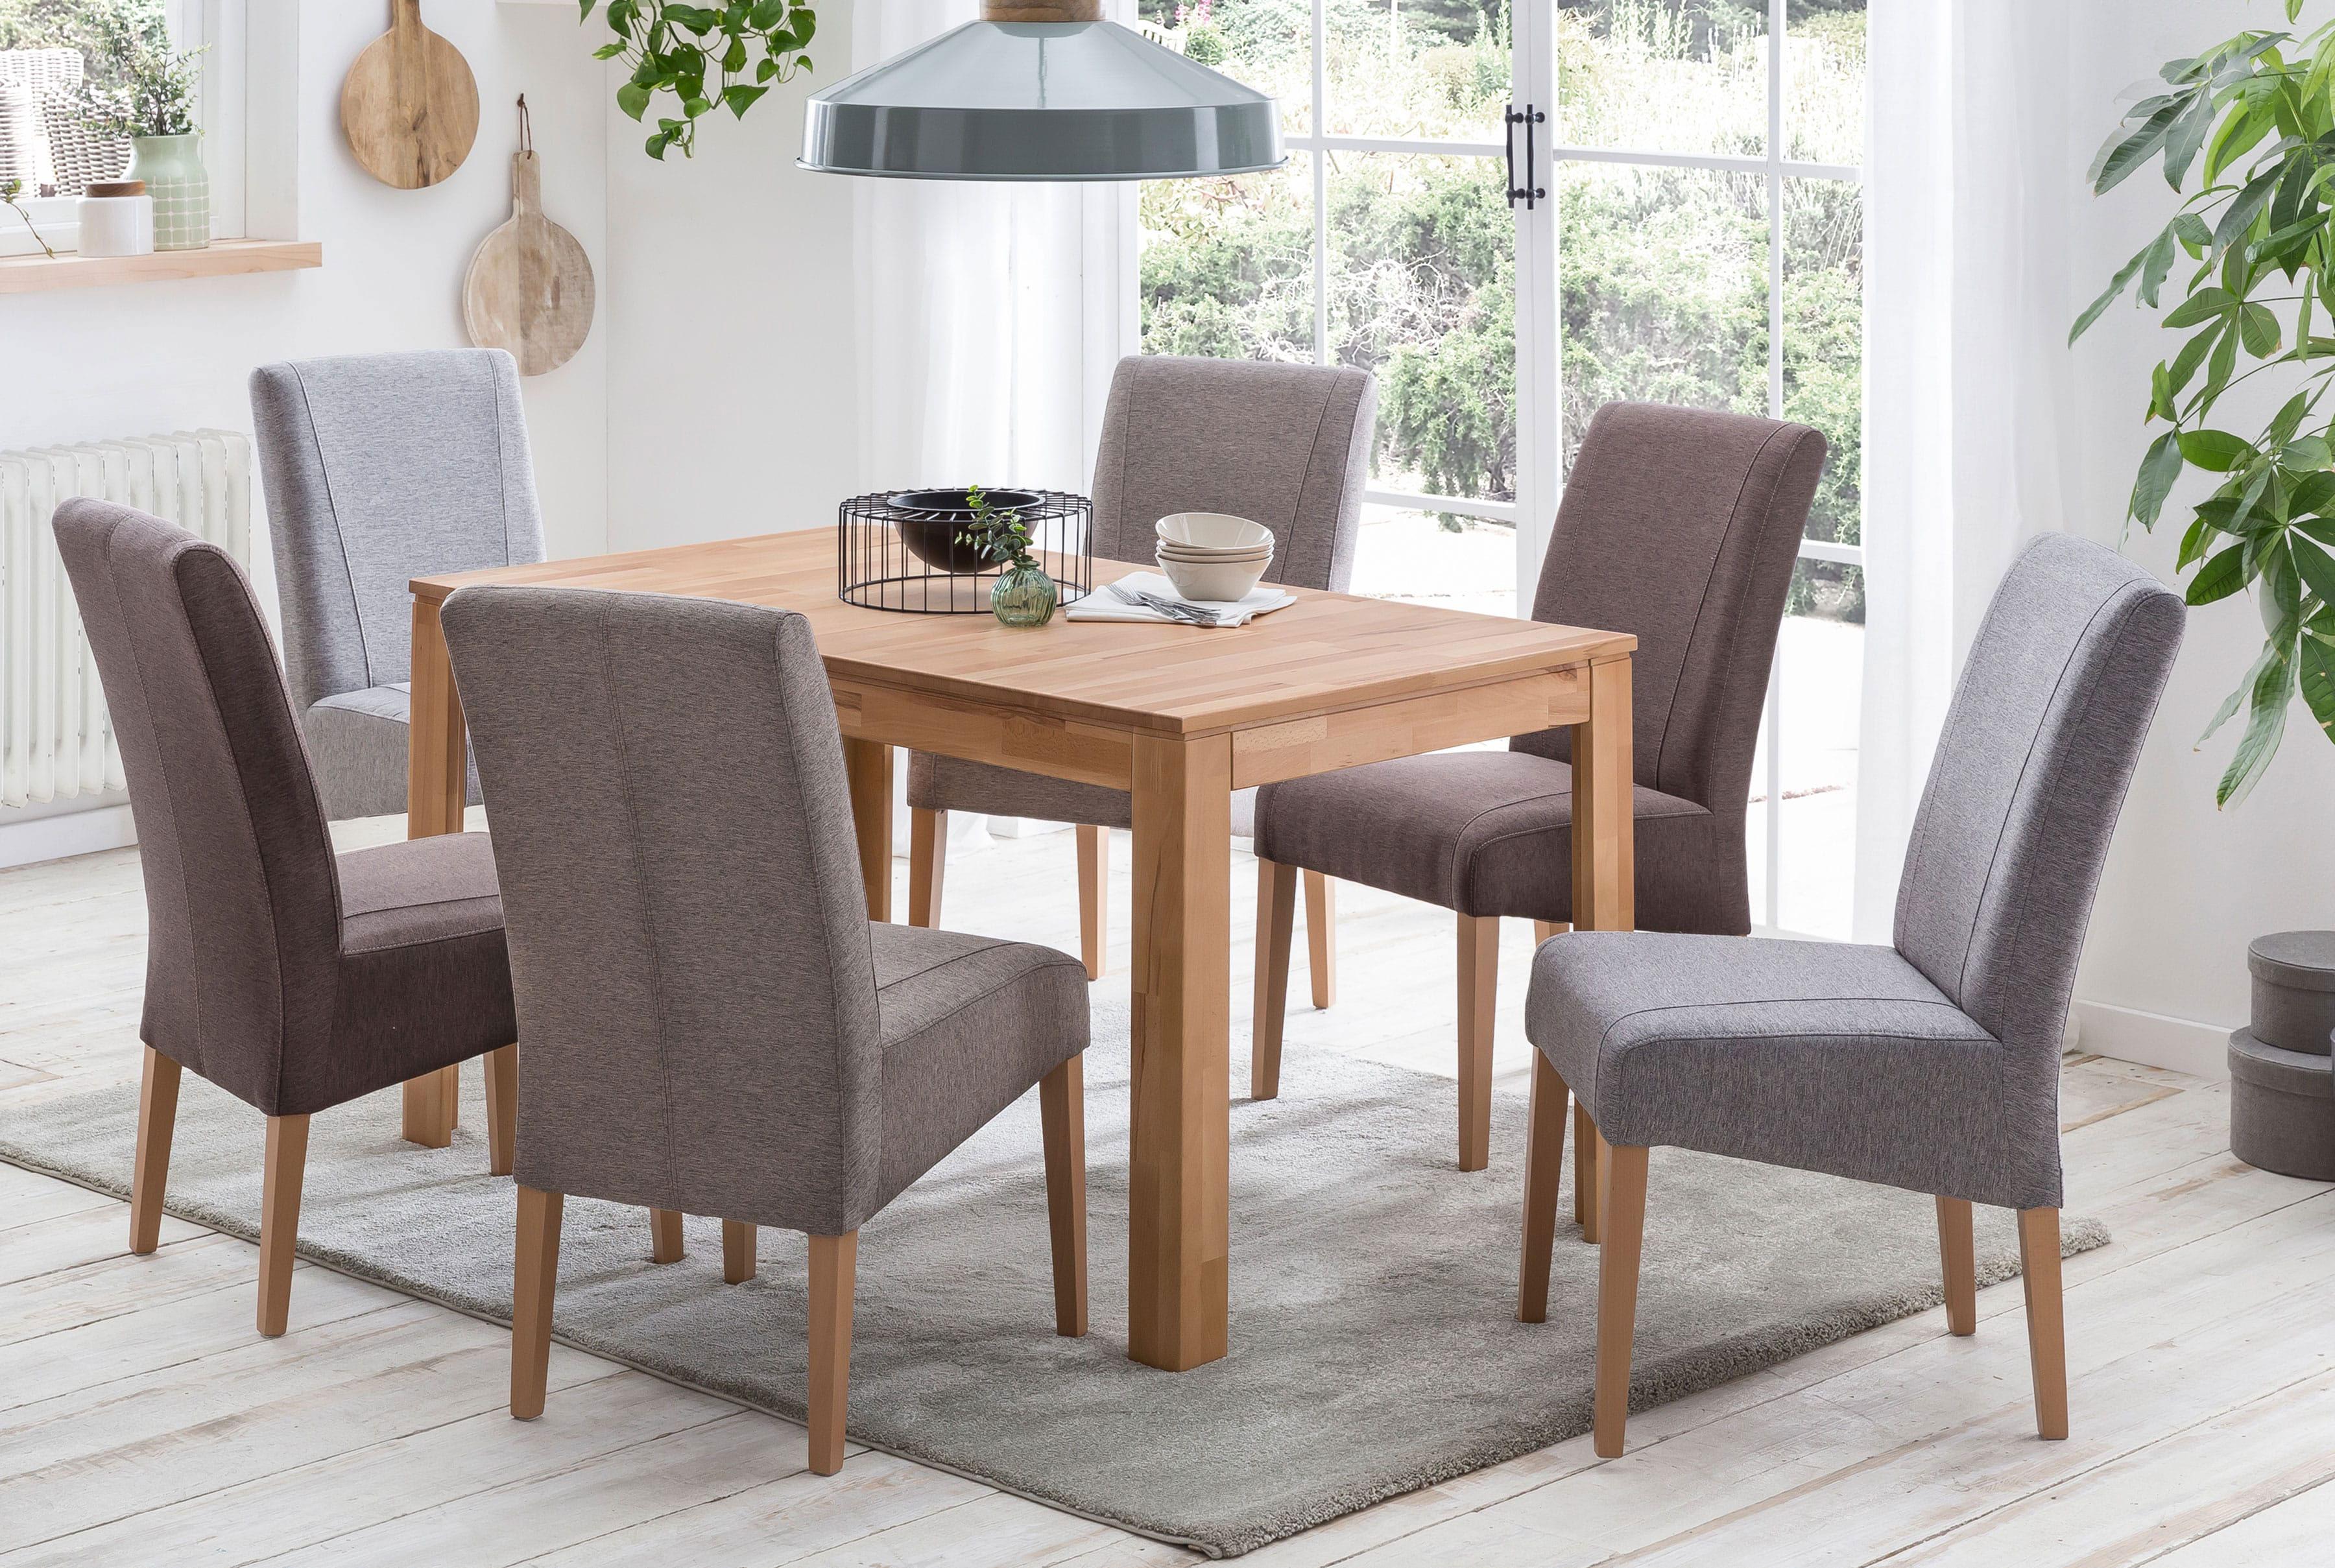 Standard Furniture Tischgruppe mit Polsterstühlen Leon und Tisch Pedro